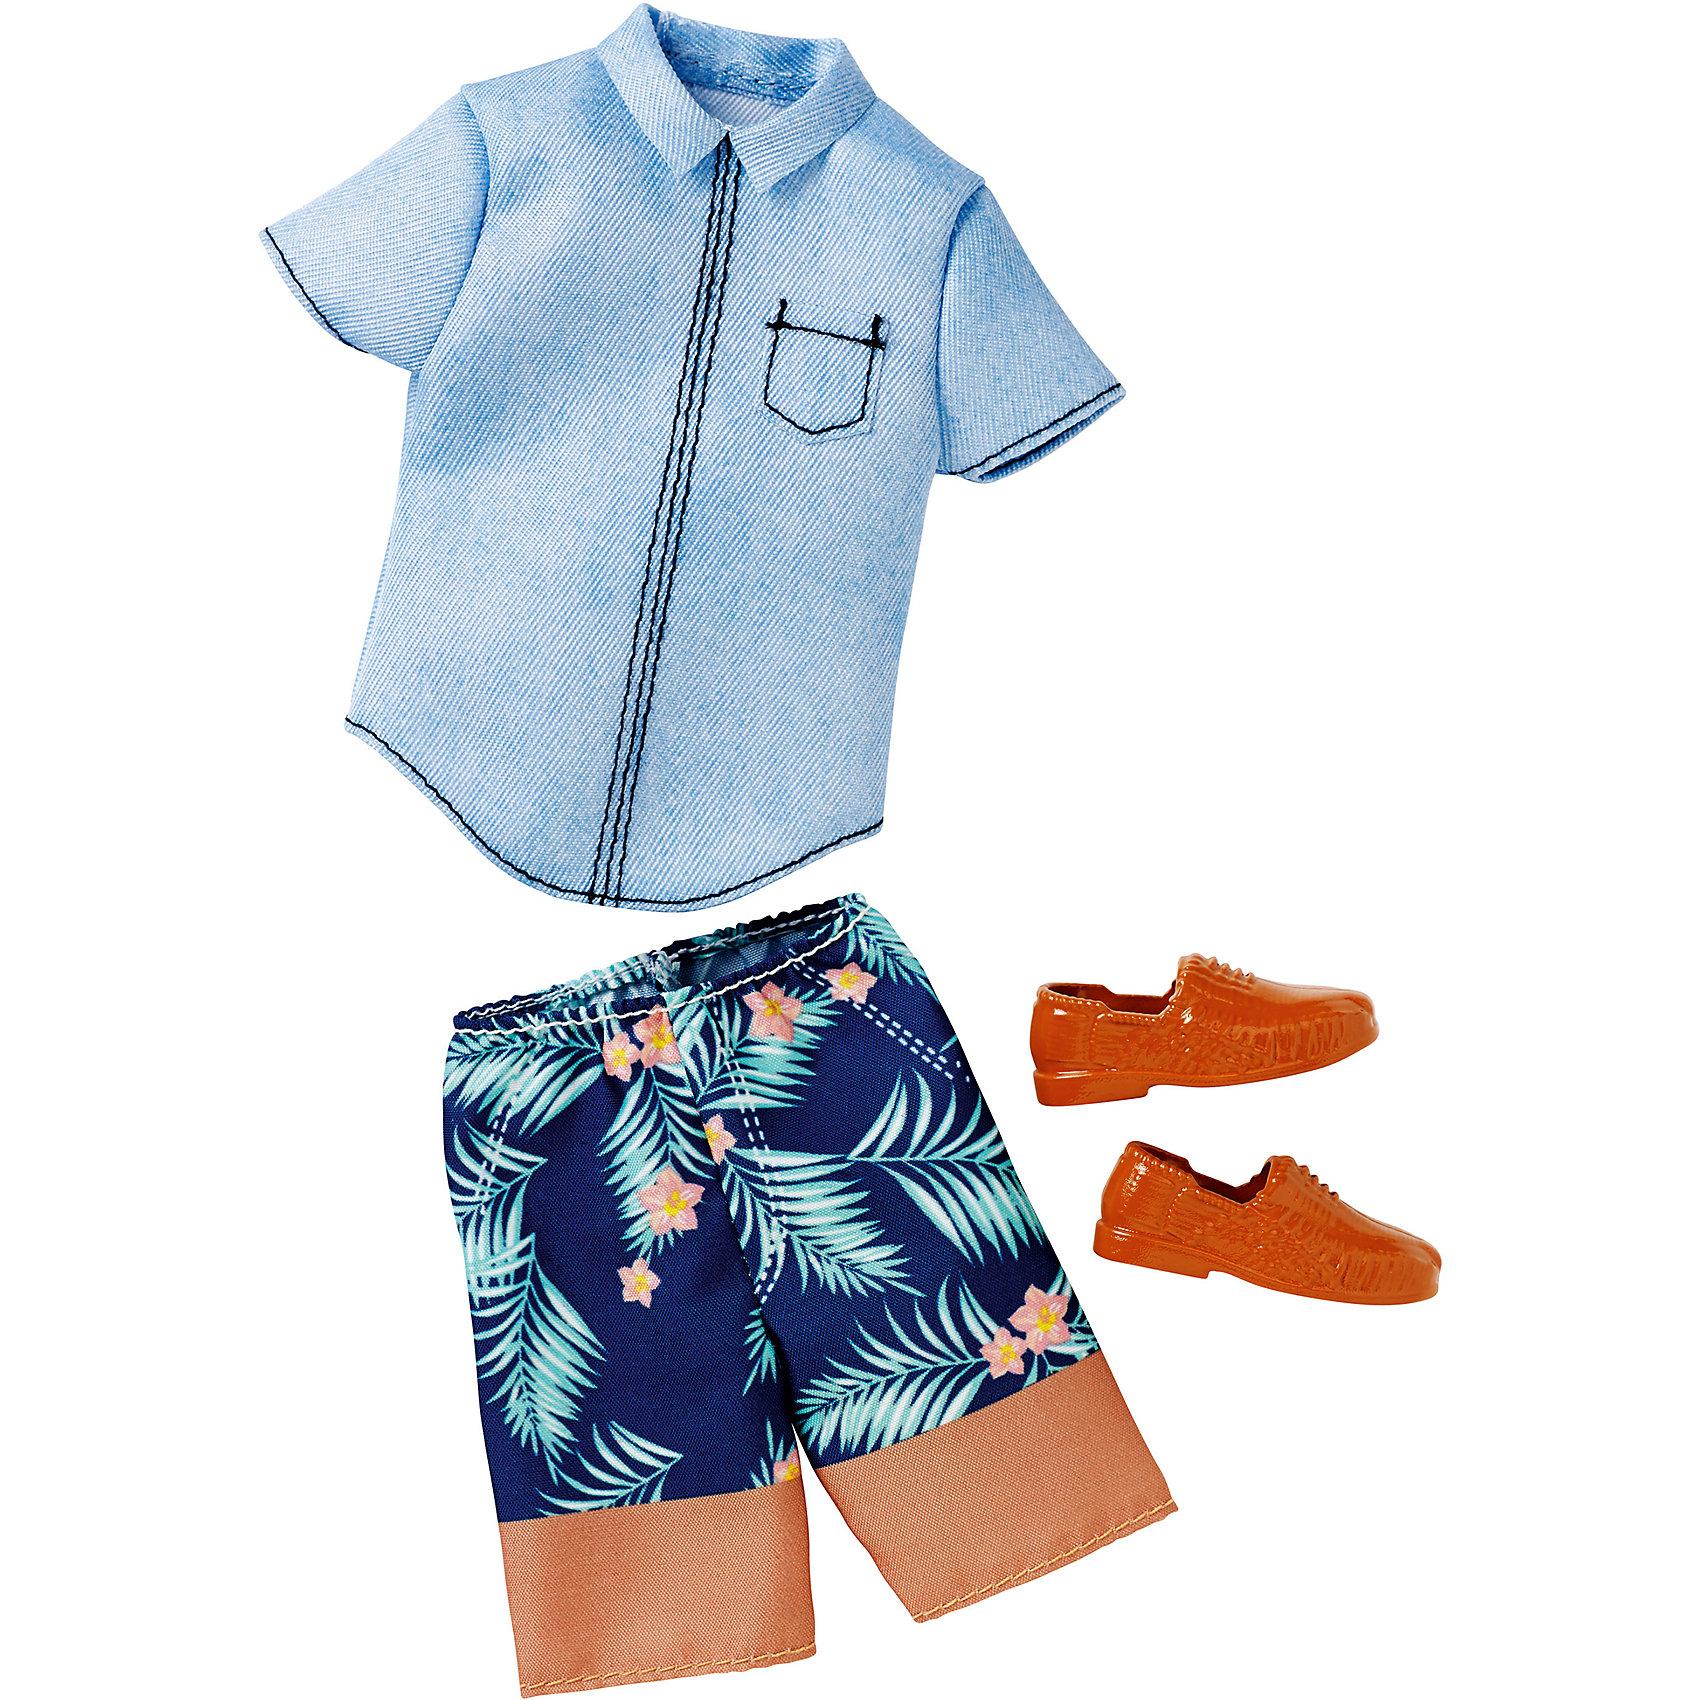 Одежда для Кена, BarbieBarbie Одежда и аксессуары<br>Набор одежды для друга куклы Barbie - Кена - отличный вариант подарка для любительницы этих кукол. В набор входят стильная футболка (рубашка), шорты (брюки) и обувь. Предметы из разных комплектов можно комбинировать, создавая новые шикарные образы для любимой куклы.<br>Такие игрушки помогают развить мелкую моторику, логическое мышление и воображение ребенка. Эта игрушка выполнена из текстиля и высококачественного прочного пластика, безопасного для детей, отлично детализирована.<br><br>Дополнительная информация:<br><br>комплектация: стильная футболка (рубашка), шорты (брюки) и обувь, пара туфель; <br>цвет: разноцветный;<br>материал: пластик, текстиль;<br>кукла продается отдельно!<br><br>Одежду для Кена, Barbie от компании Mattel можно купить в нашем магазине.<br><br>Ширина мм: 258<br>Глубина мм: 114<br>Высота мм: 17<br>Вес г: 33<br>Возраст от месяцев: 36<br>Возраст до месяцев: 96<br>Пол: Женский<br>Возраст: Детский<br>SKU: 4918796